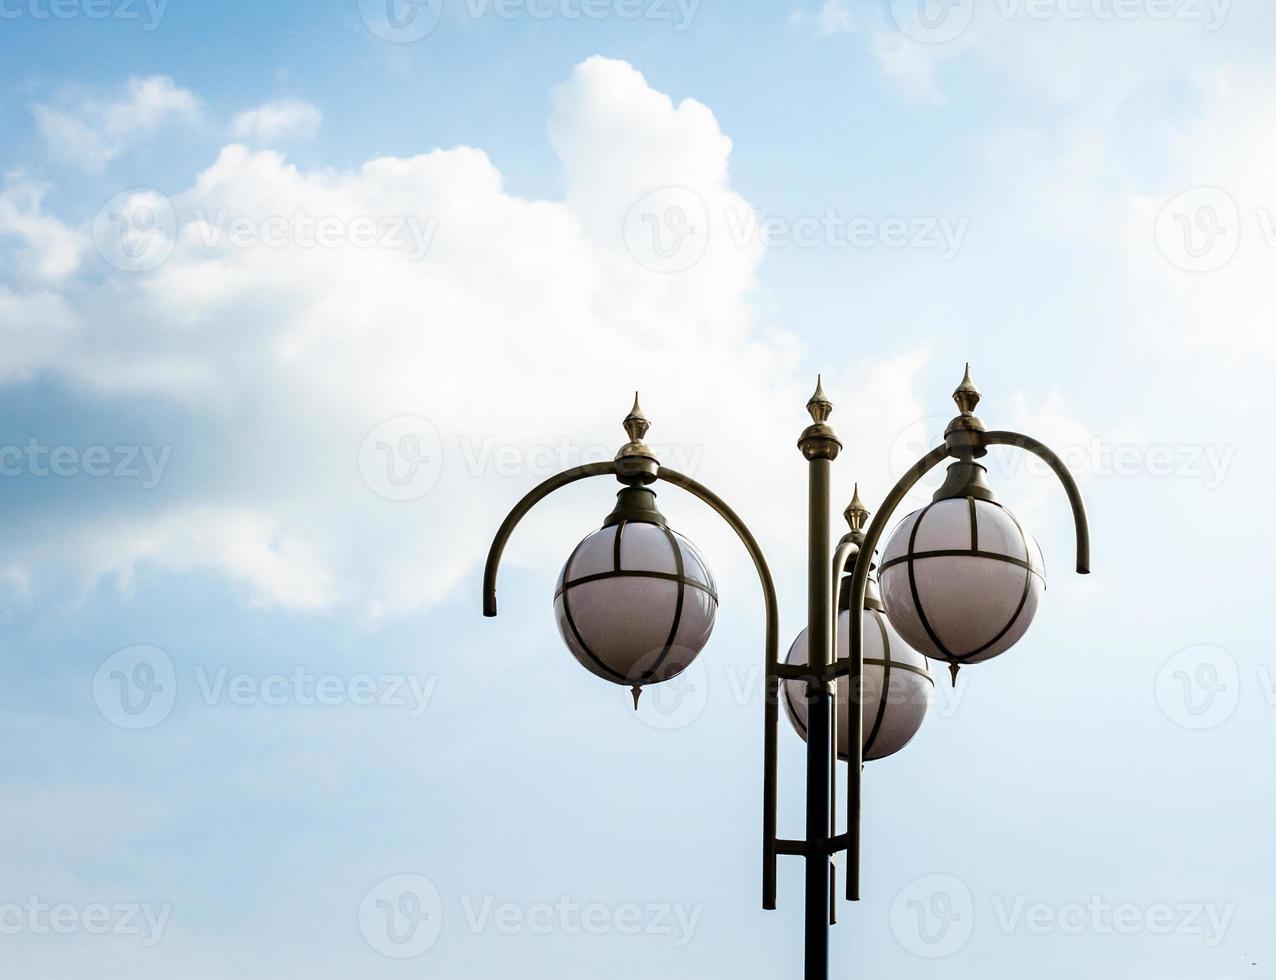 Straßenlaterne gegen einen blauen Himmel und weiße Wolken foto